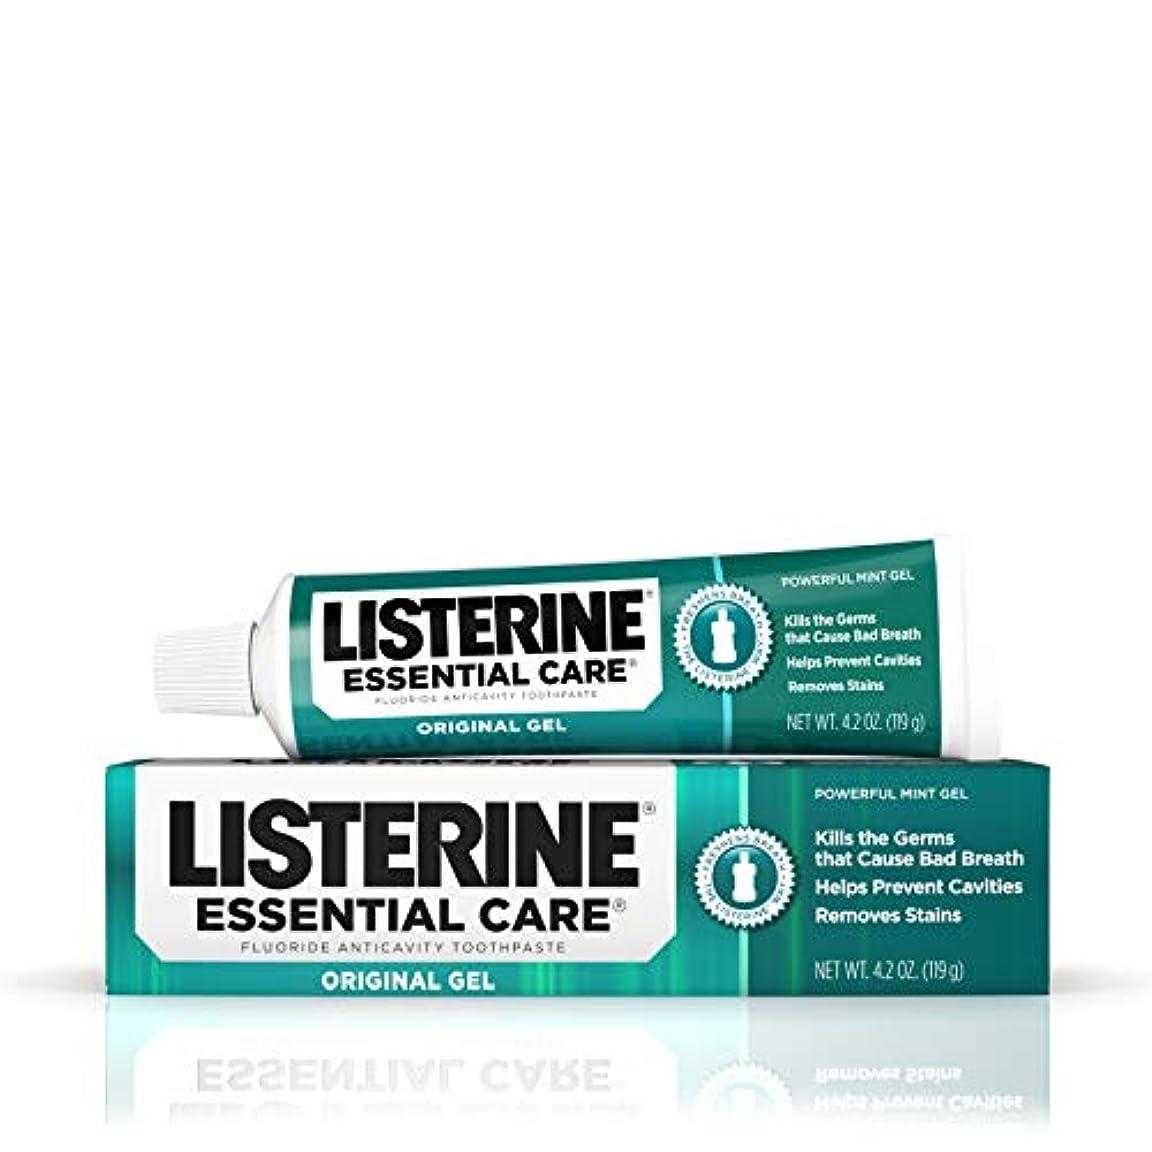 ピニオンく姿勢海外直送品Listerine Essential Care Toothpaste Gel Original, Powerful Mint 4.2 oz by Listerine